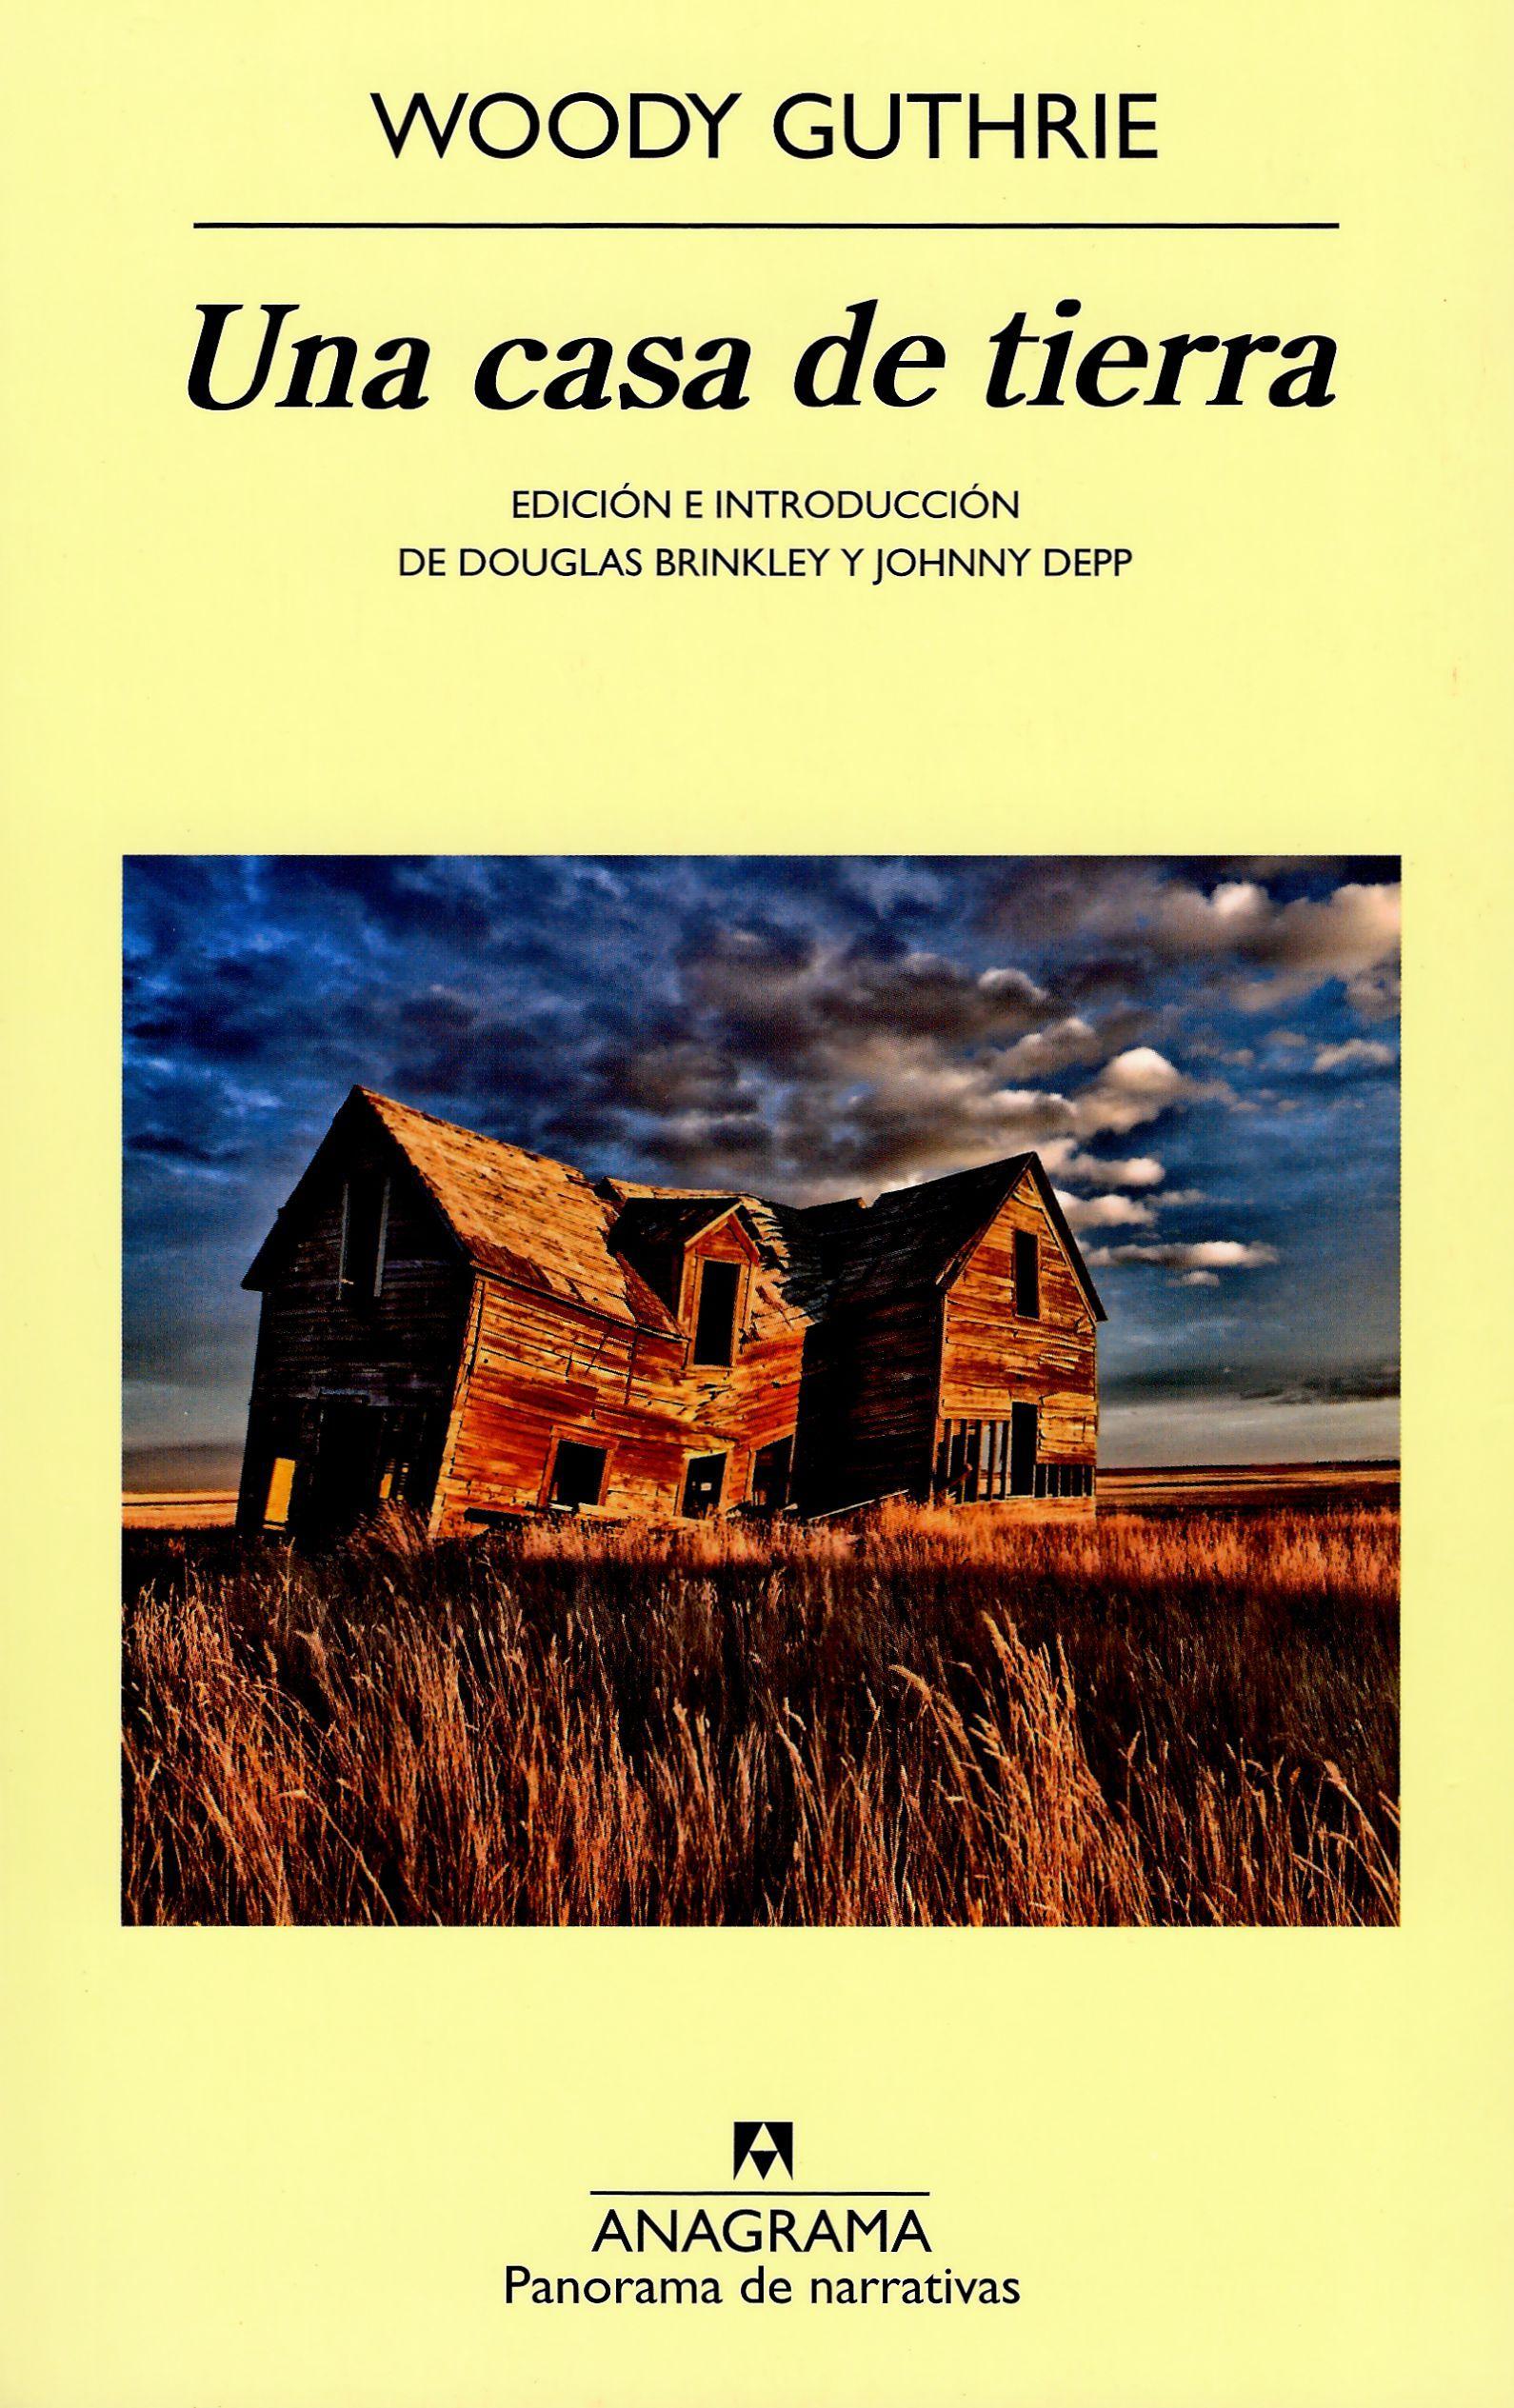 Una Casa De Tierra De Woody Guthrie Una Casa De Tierra La única Novela De Woody Guthrie Concluida En 1947 E Inédita Hasta E Libros De Ficción Novelas Libros